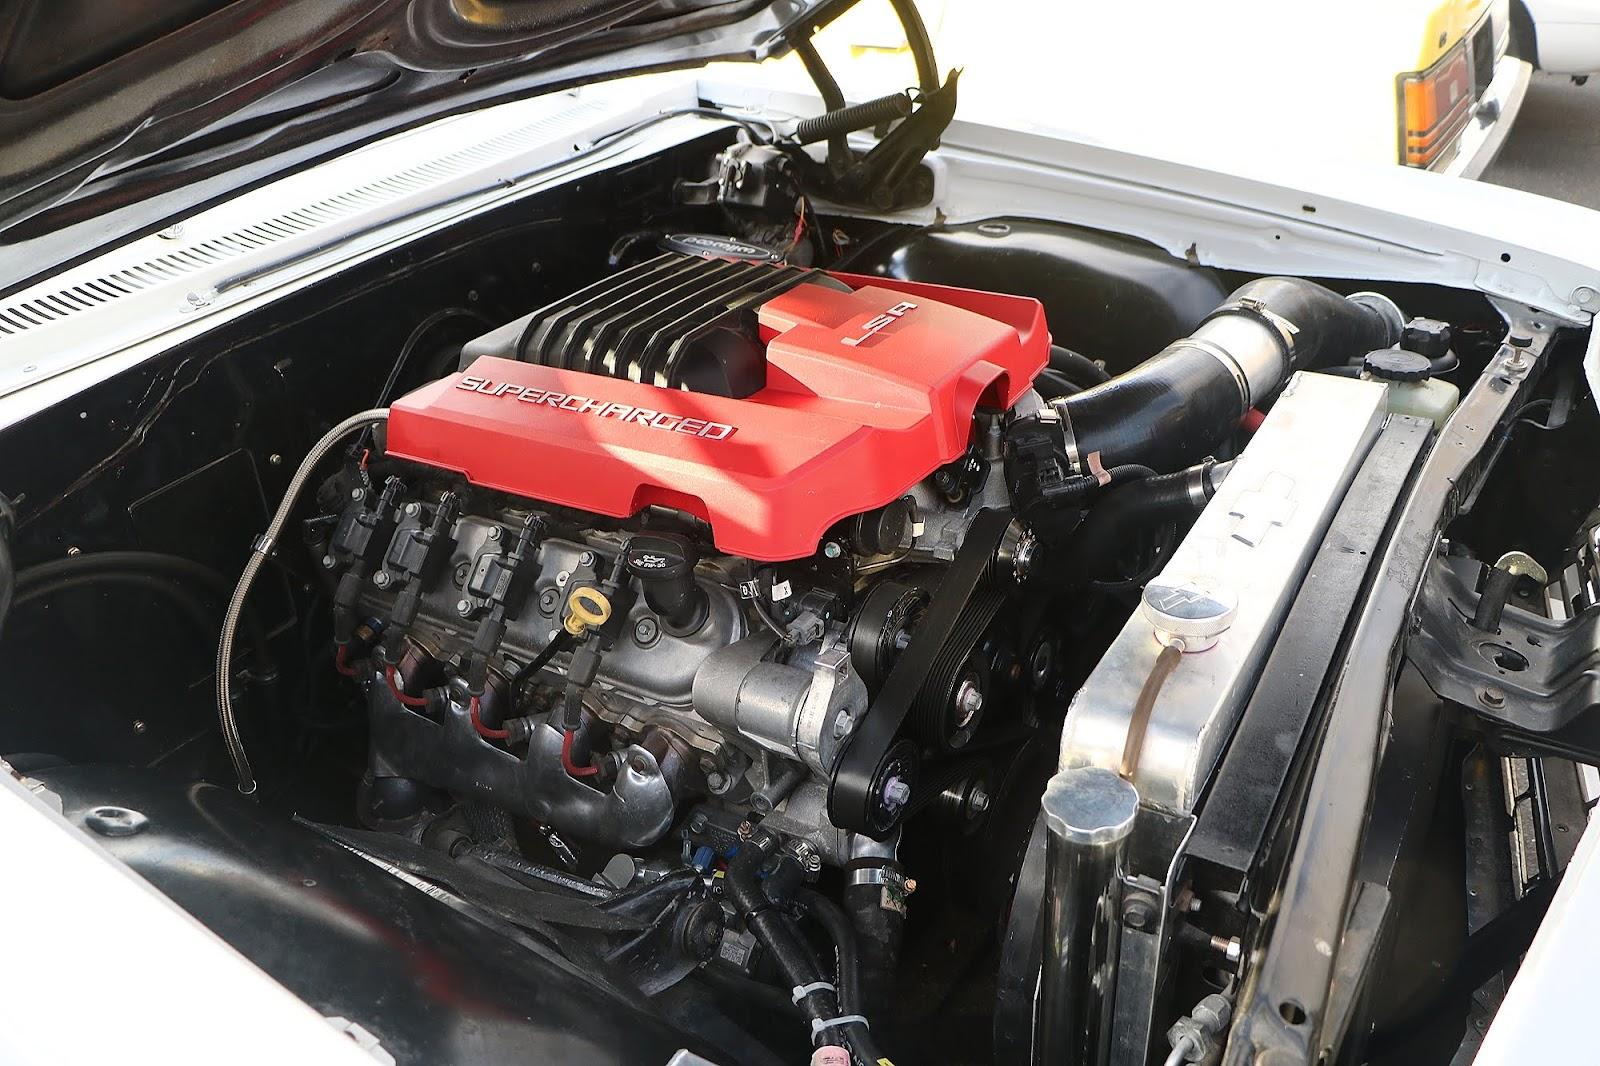 Chevrolet Impala Supercharged Engine.jpg